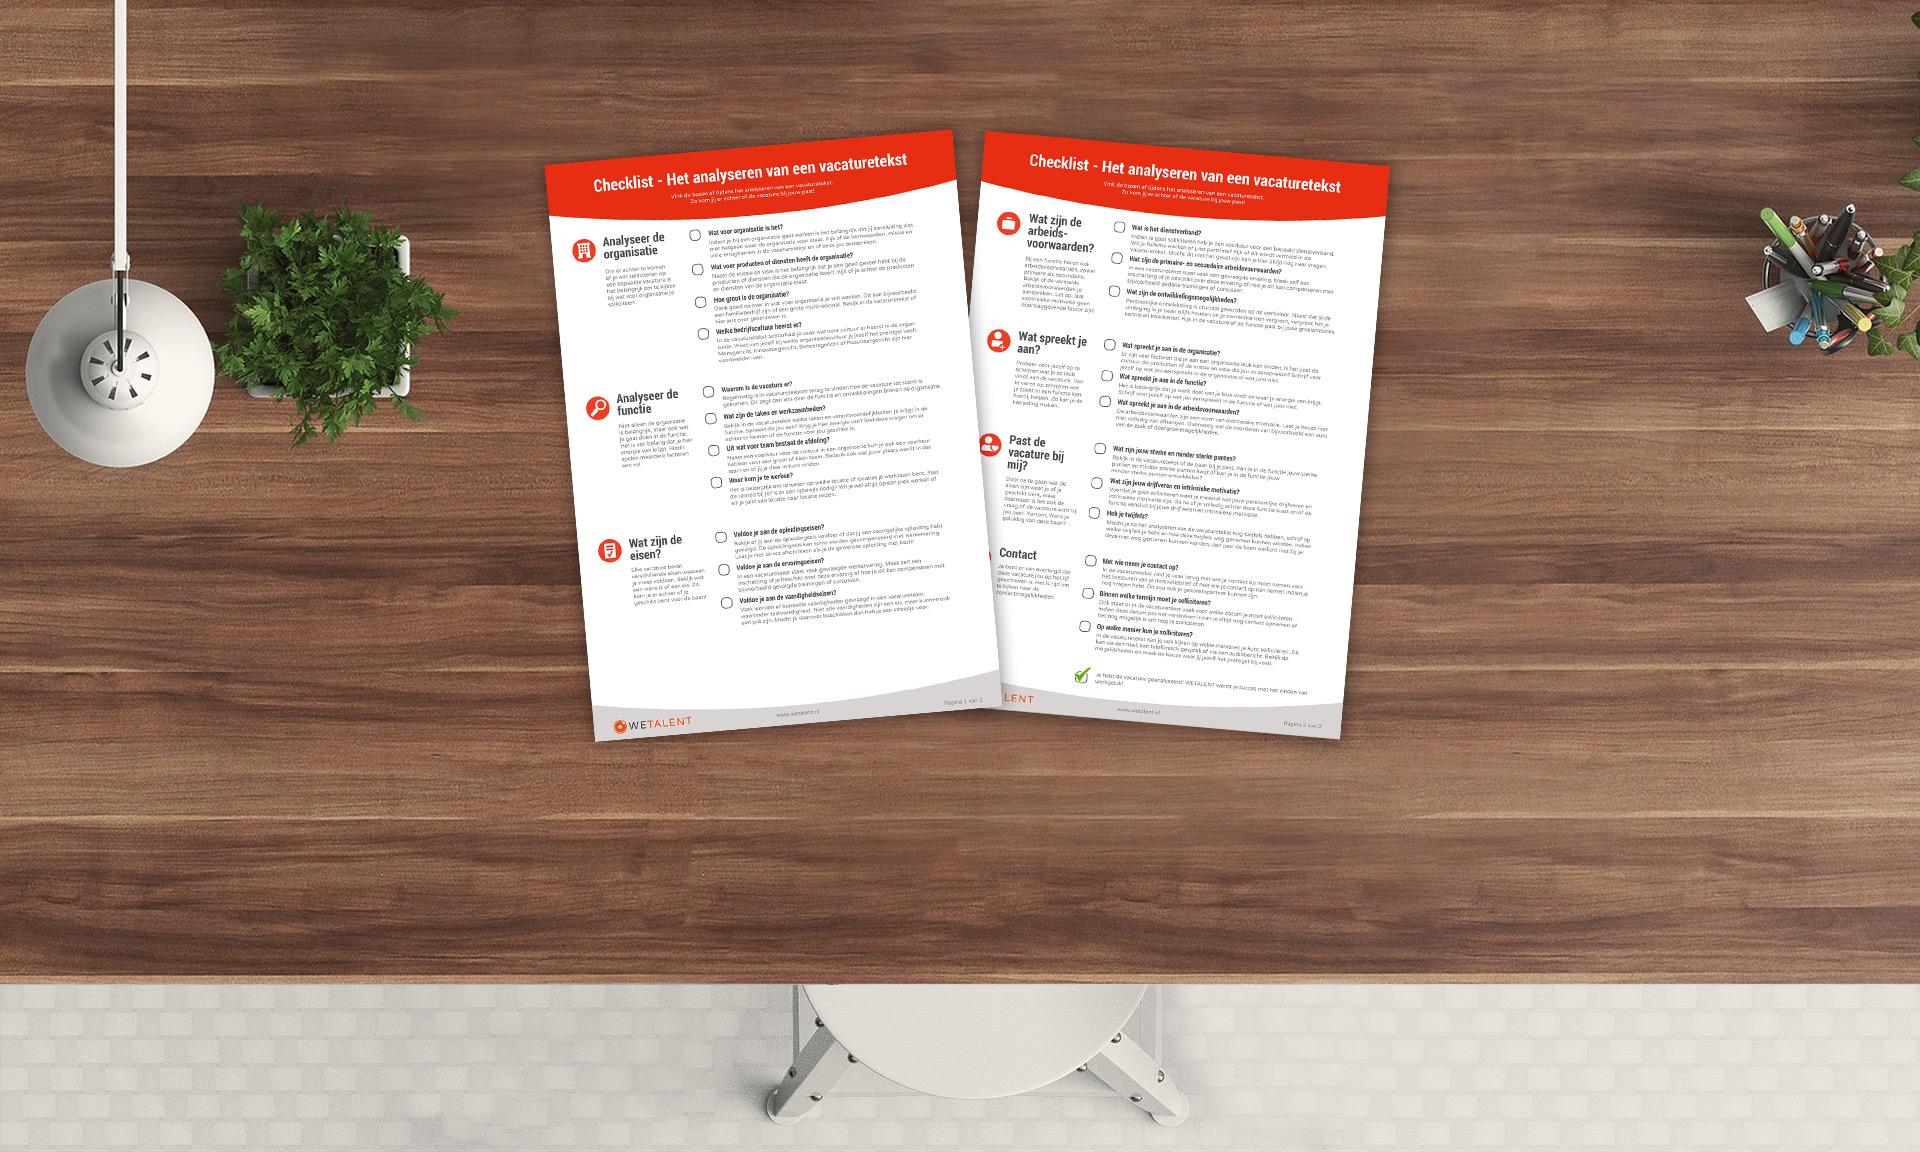 checklist-vacature-analyseren